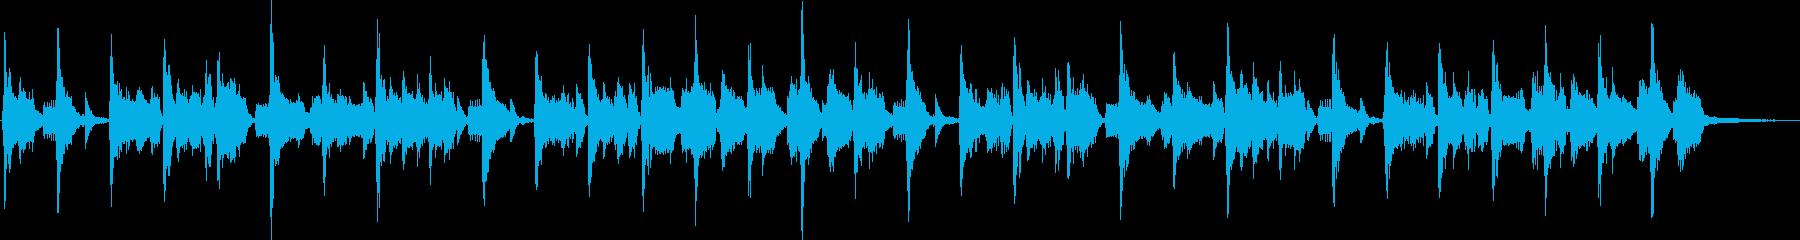 ノリの良いダンス系のファンクジングルの再生済みの波形